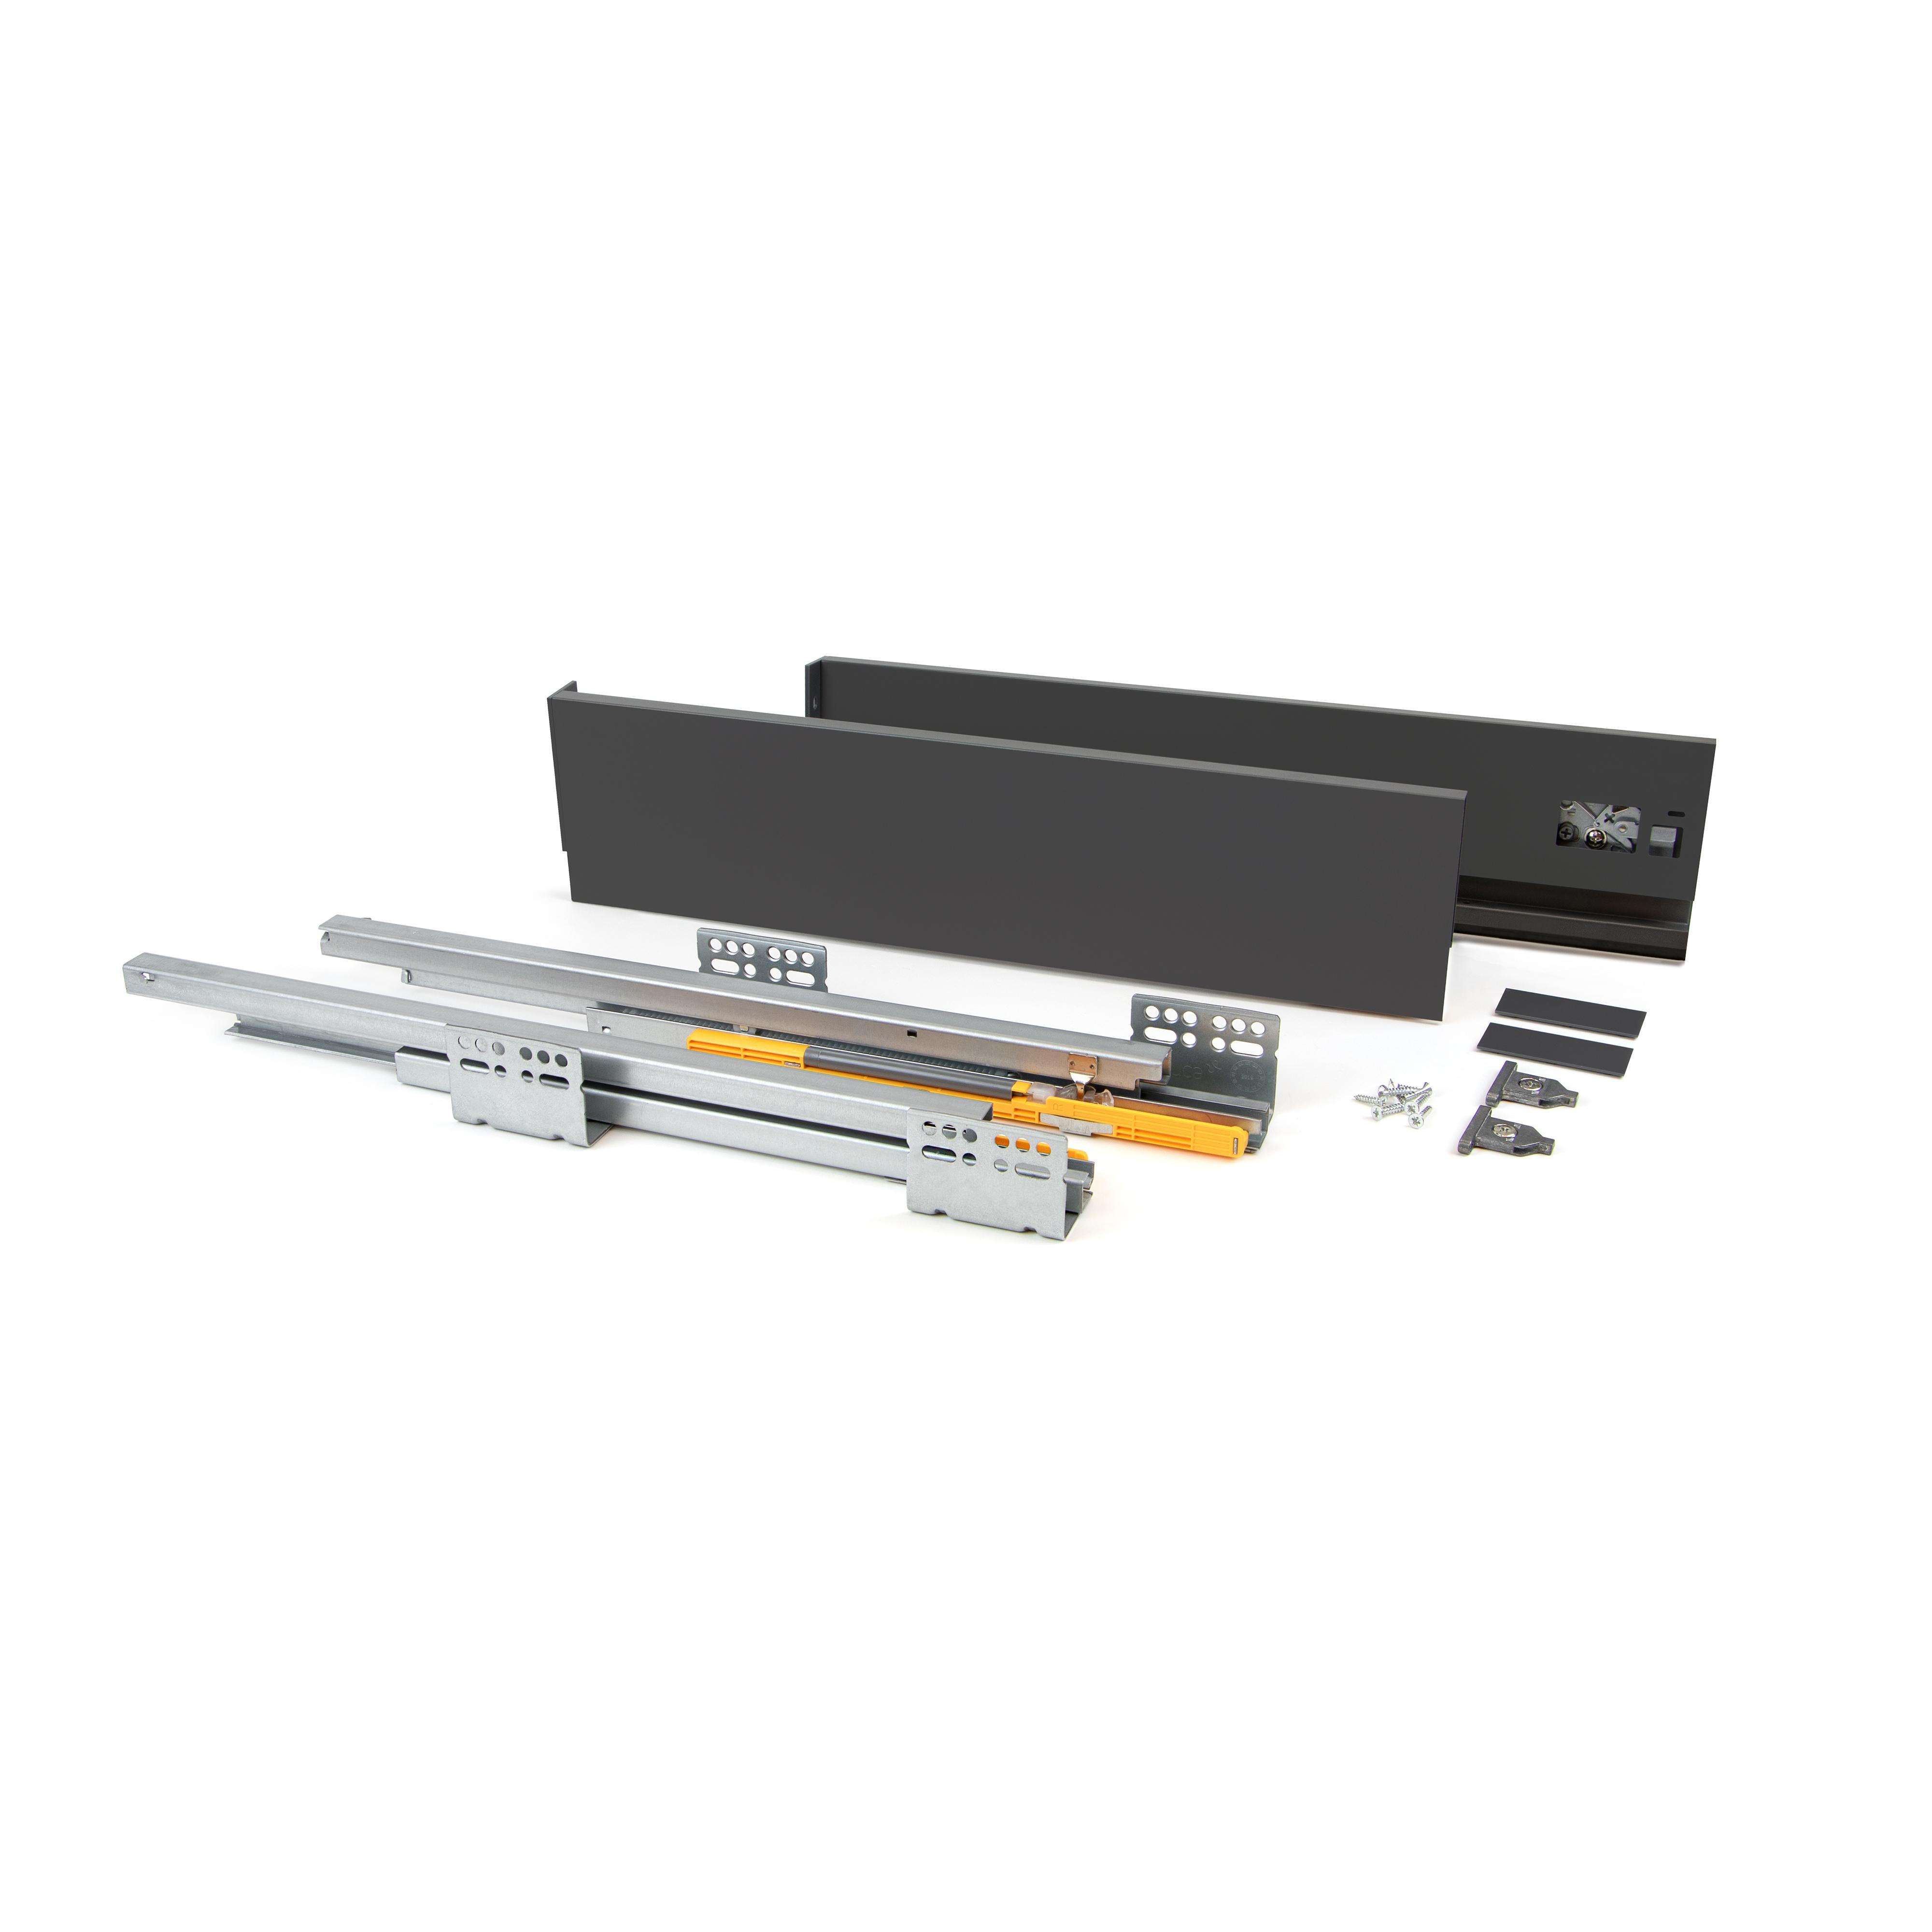 Emuca Kit cassetto per cucina Concept, 50 Kg, altezza 105 mm, prof. 500 mm, chiusura soft, Acciaio, Grigio antracite